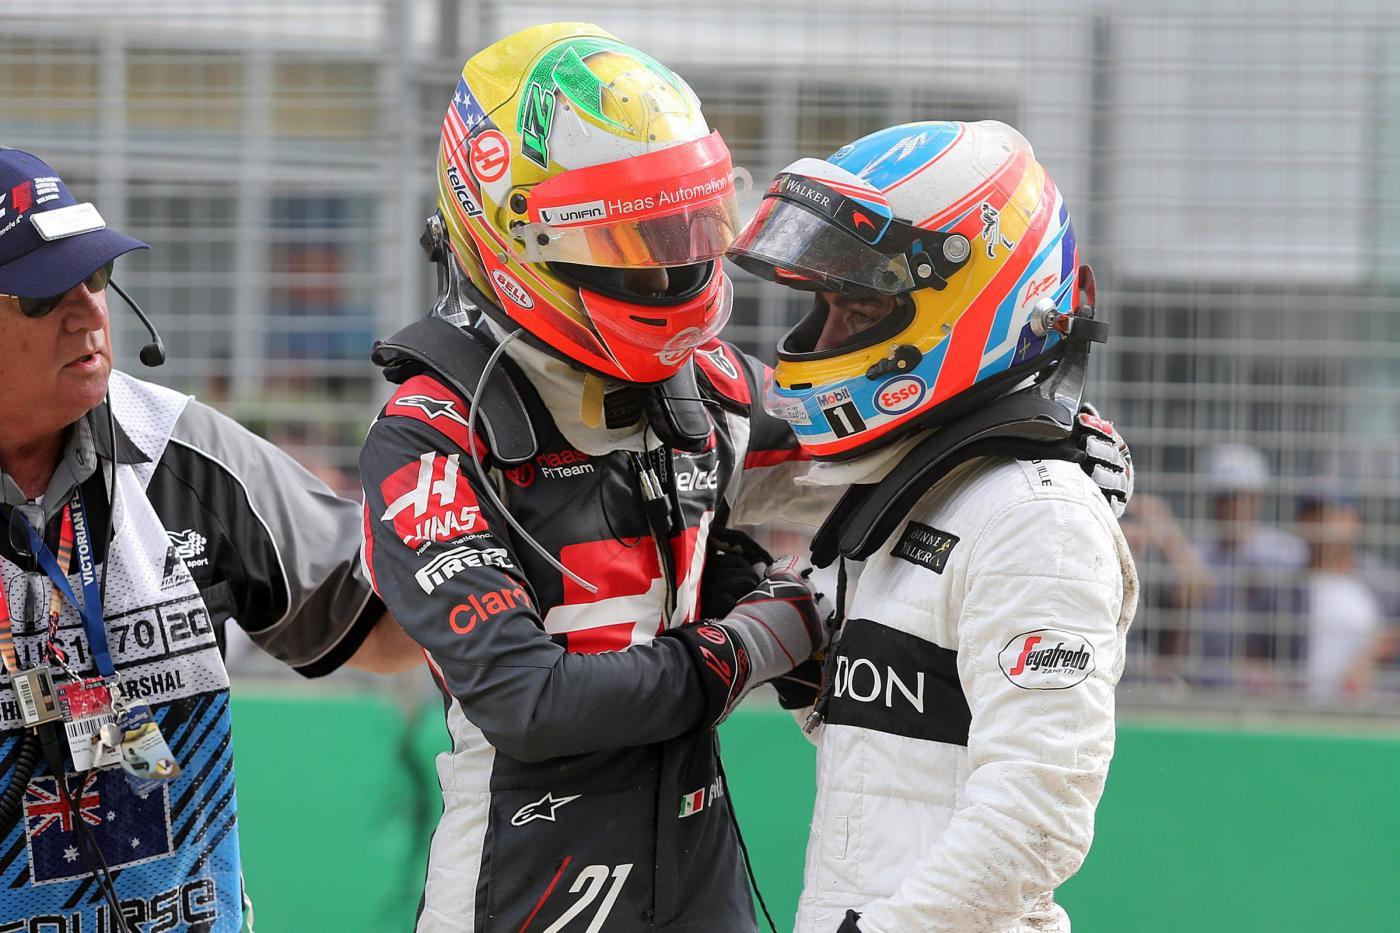 Fernando Alonso salta il gran premio di F1 | ecco perchè